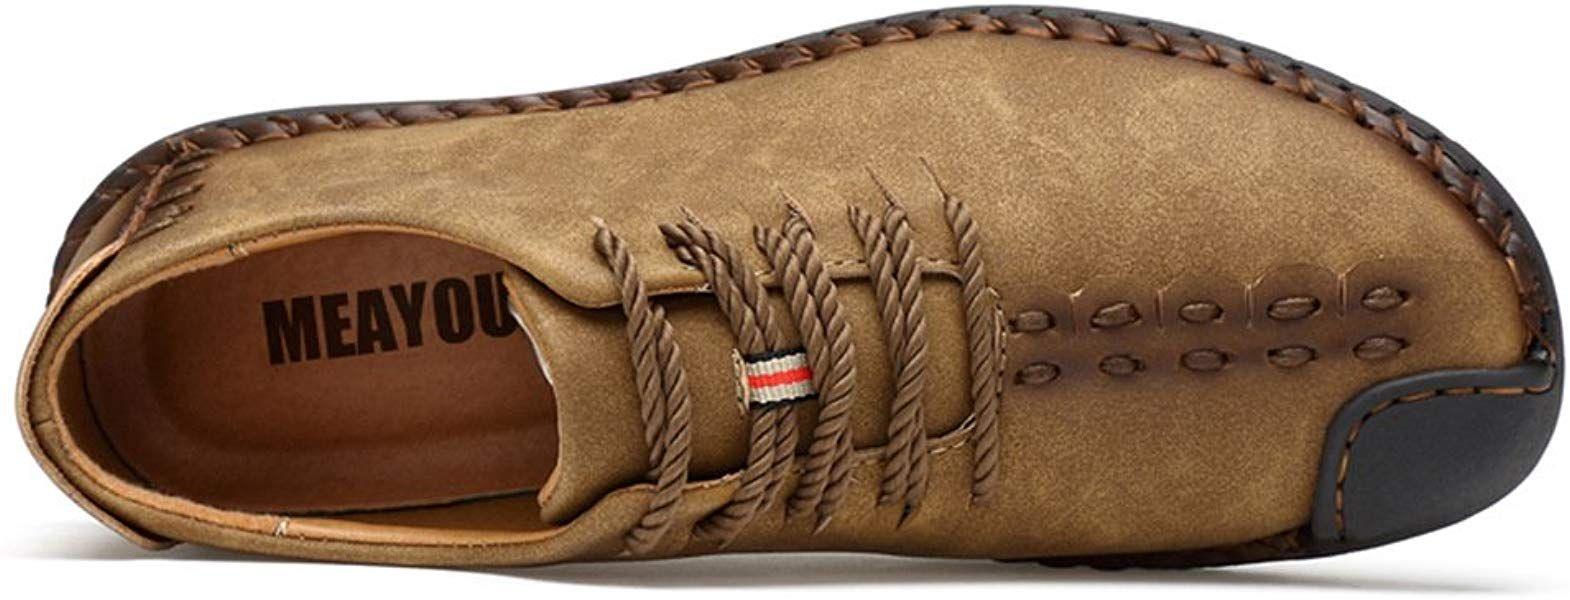 ea198474e622e1 Chaussures à lacets homme, Suédine Classiques Chaussure de Ville à Lacets  Homme Casual Oxford Homme